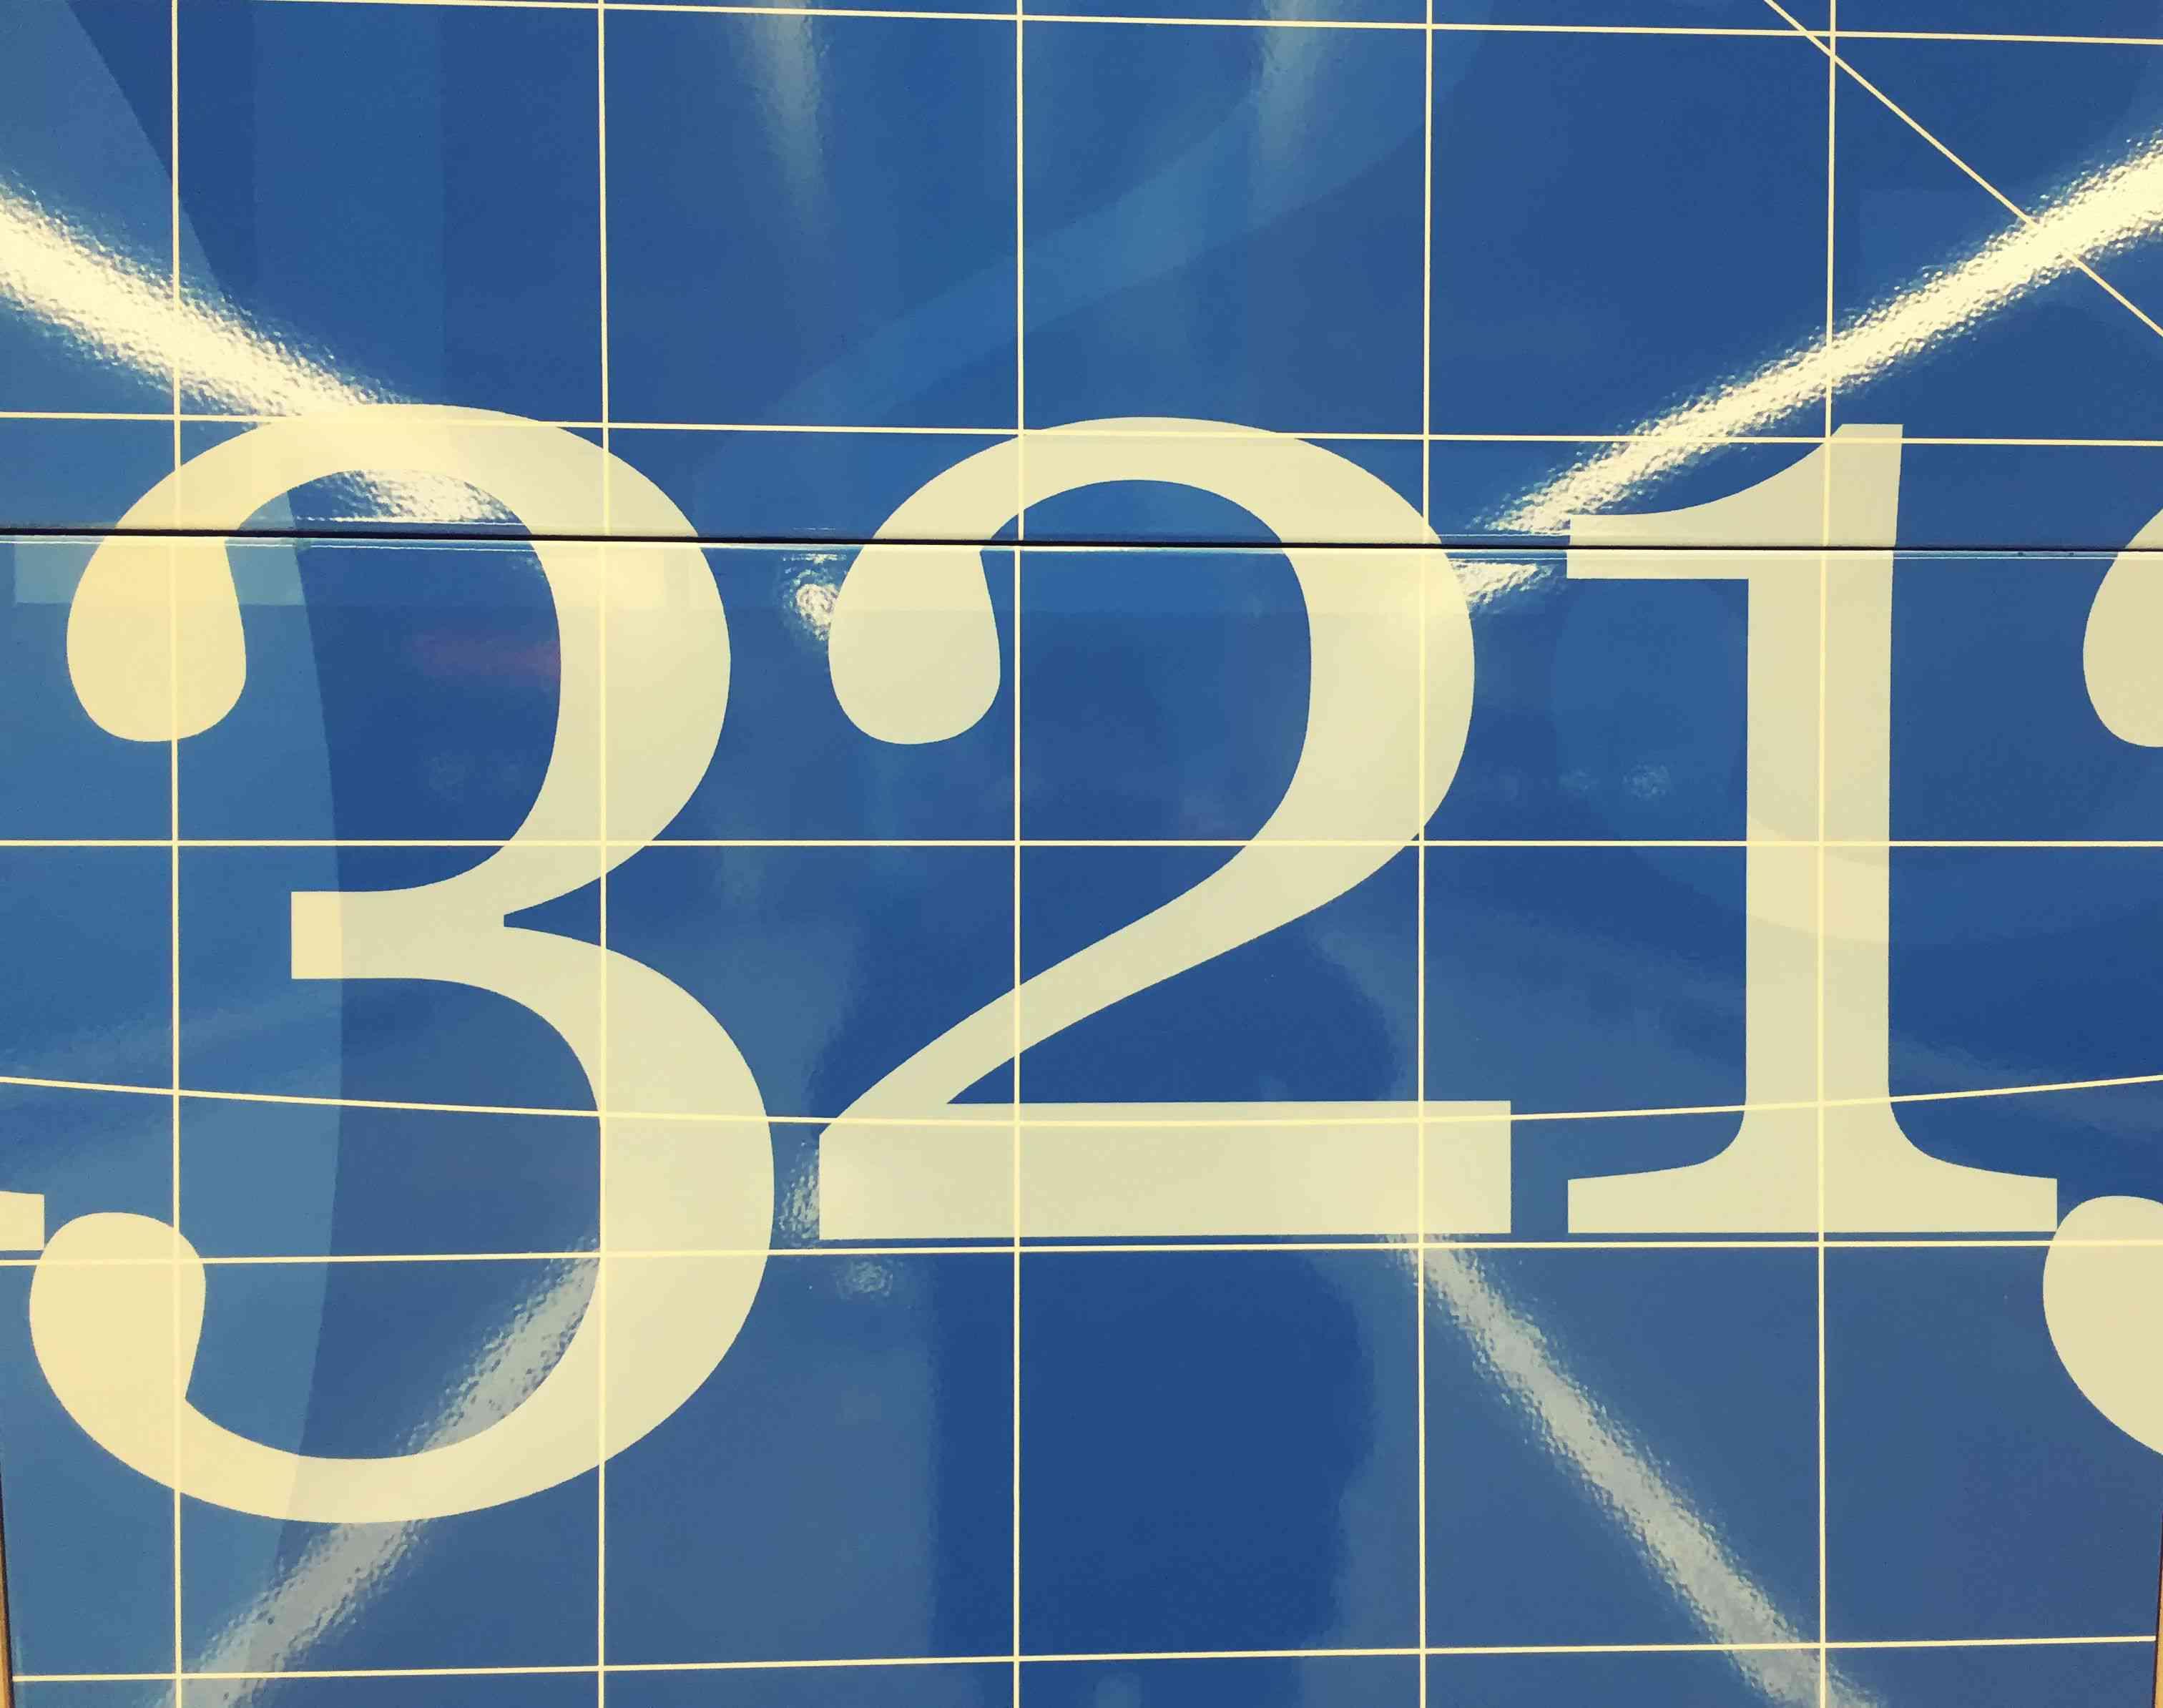 Numbers in reverse order, countdown